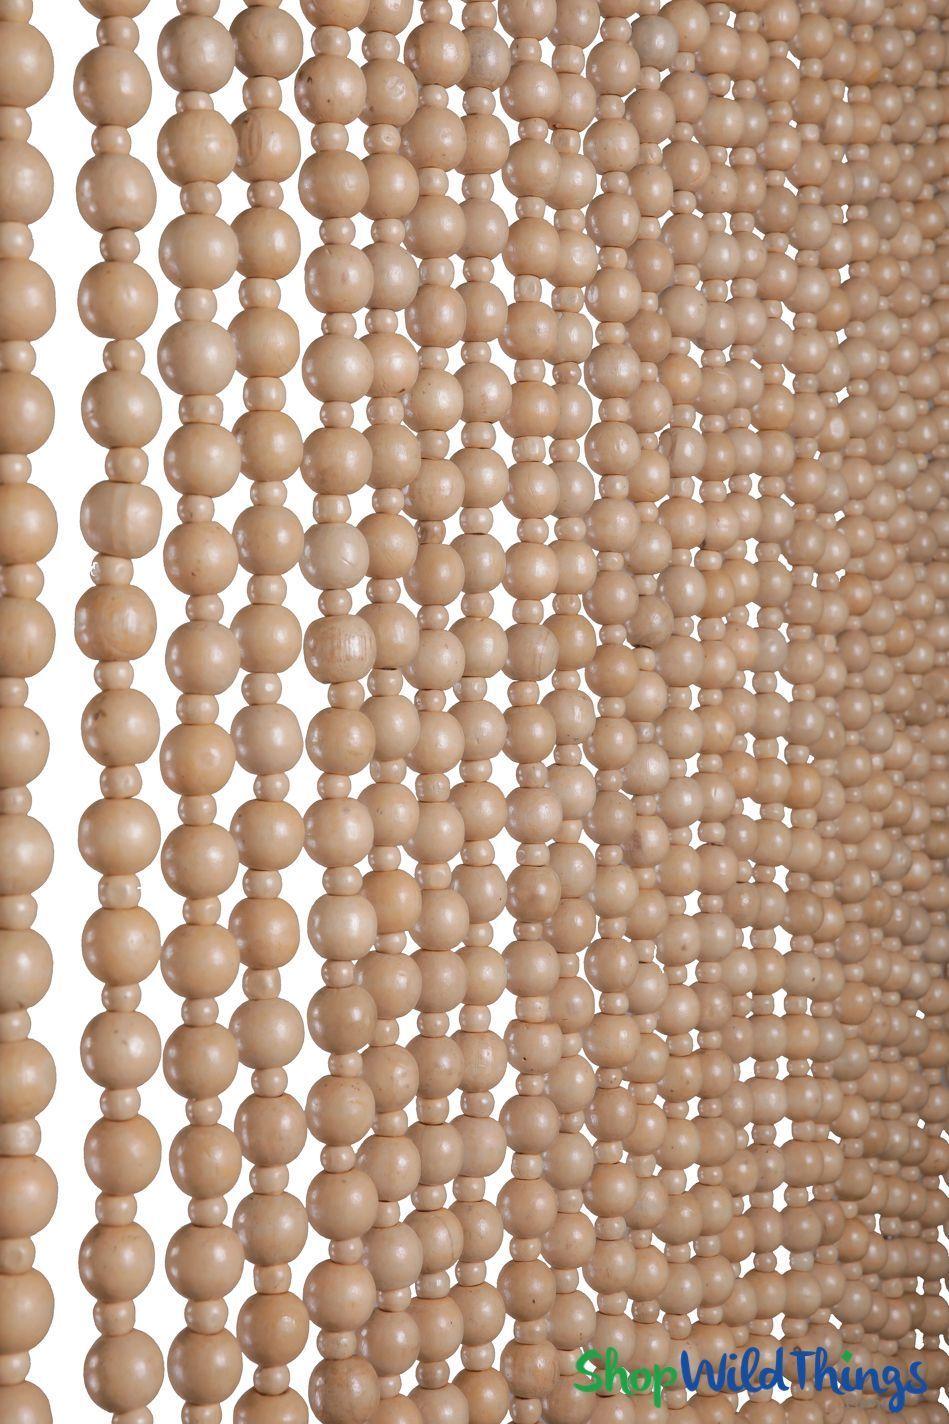 Wooden Bead Curtain Hayward Natural 35 X 78 31 Strands